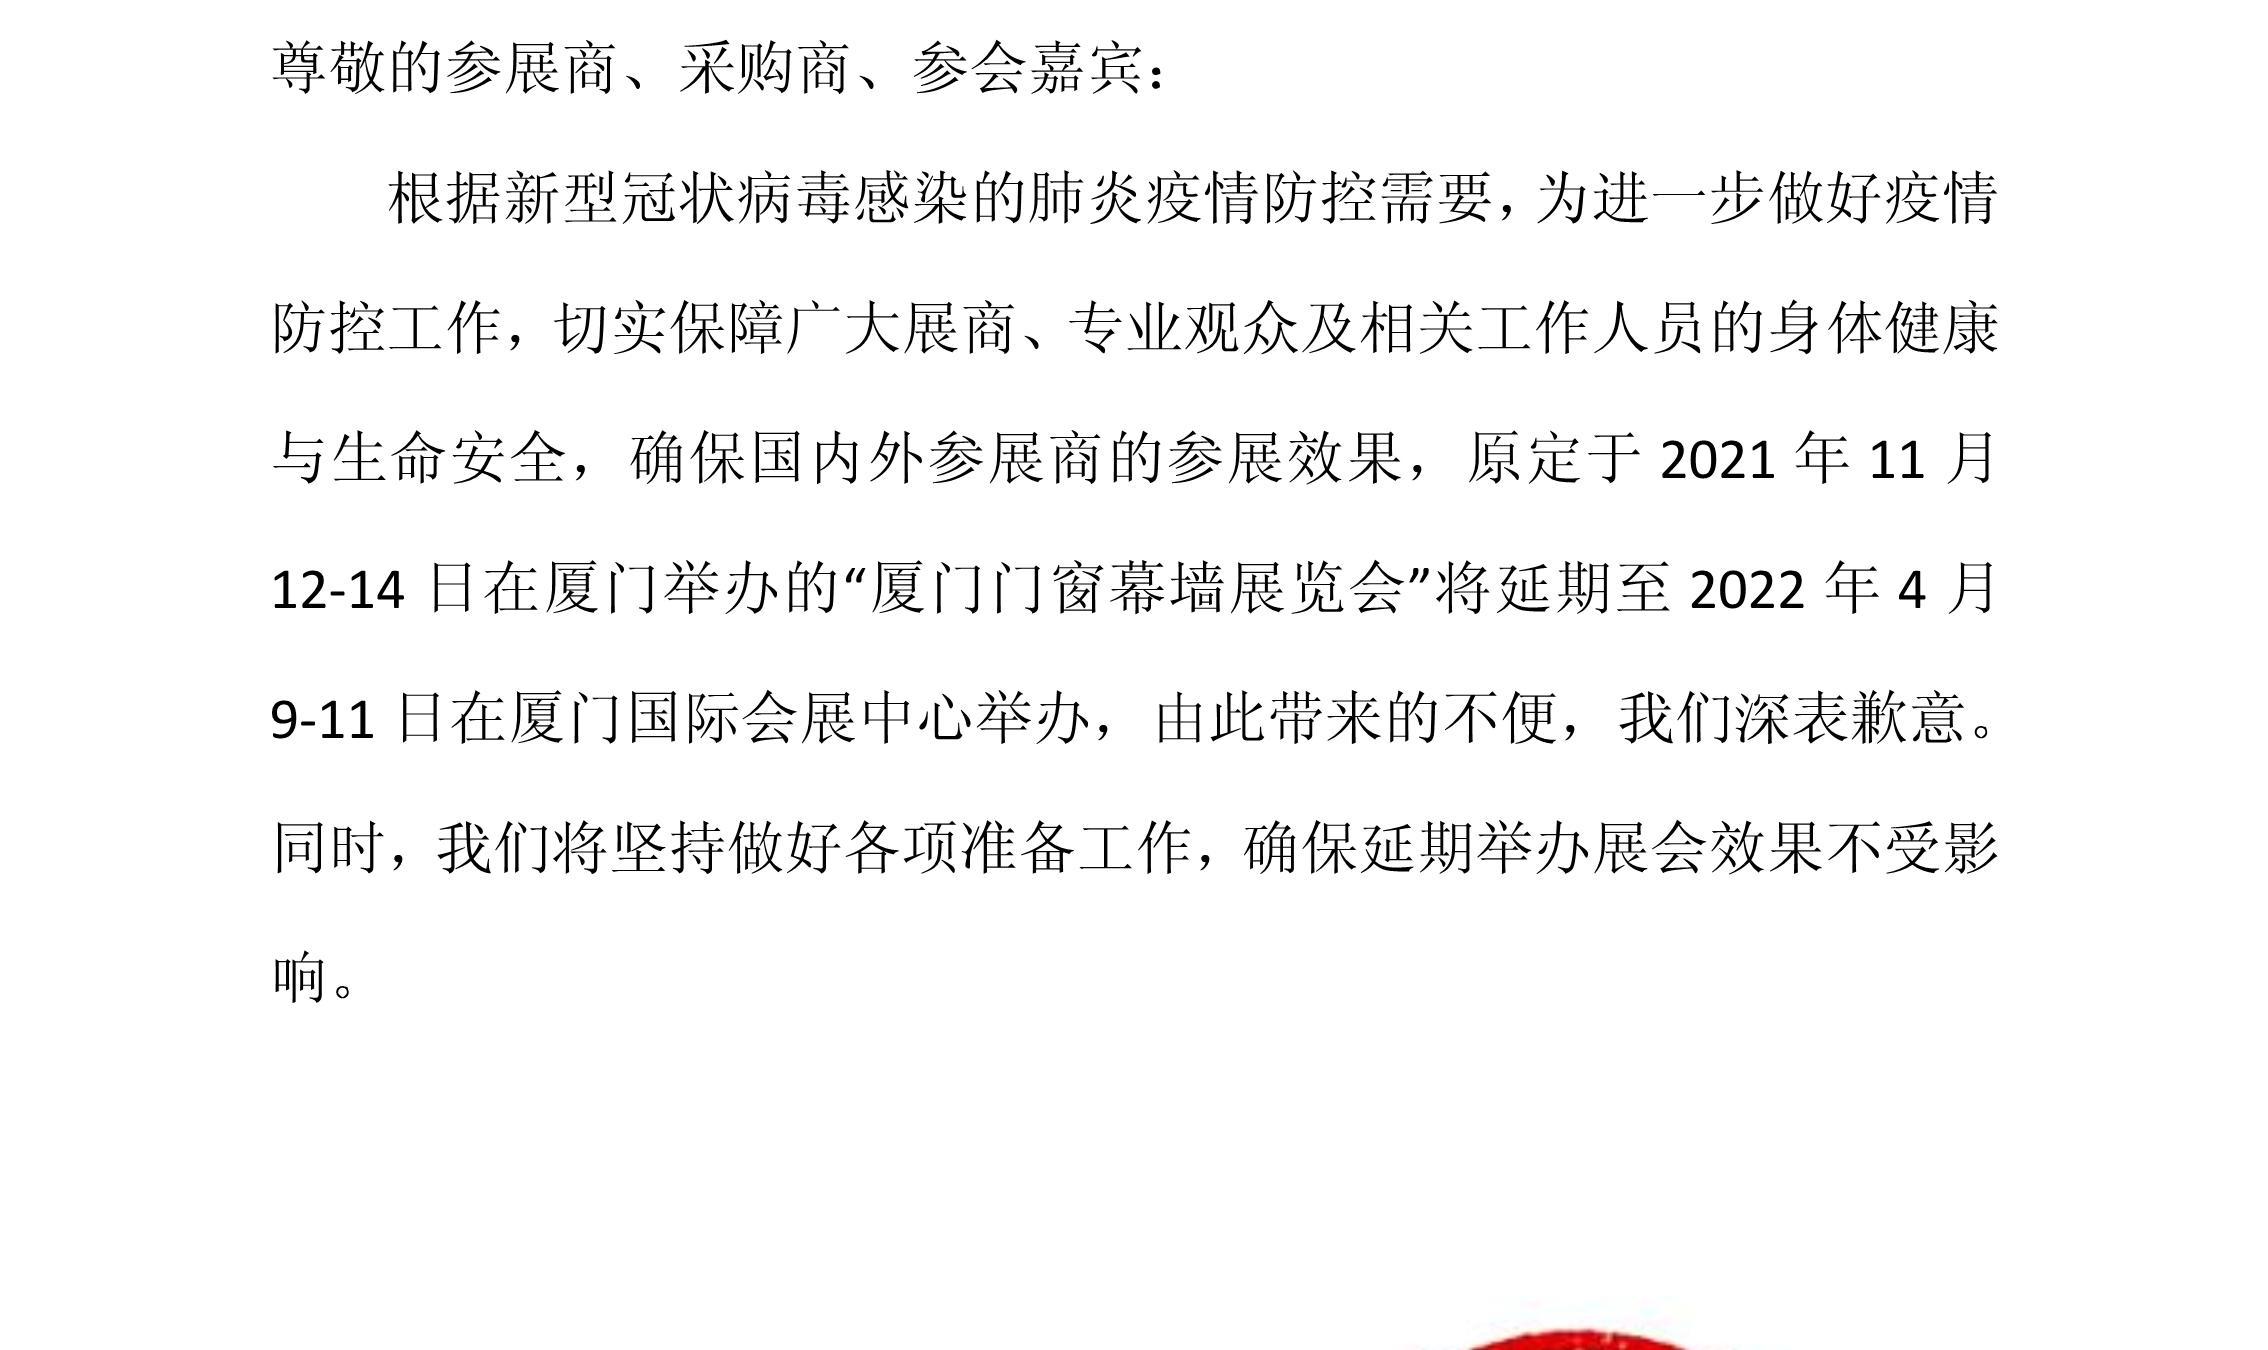 关于第10届中国(厦门)国际门窗幕墙展览会 通知举办时间调整